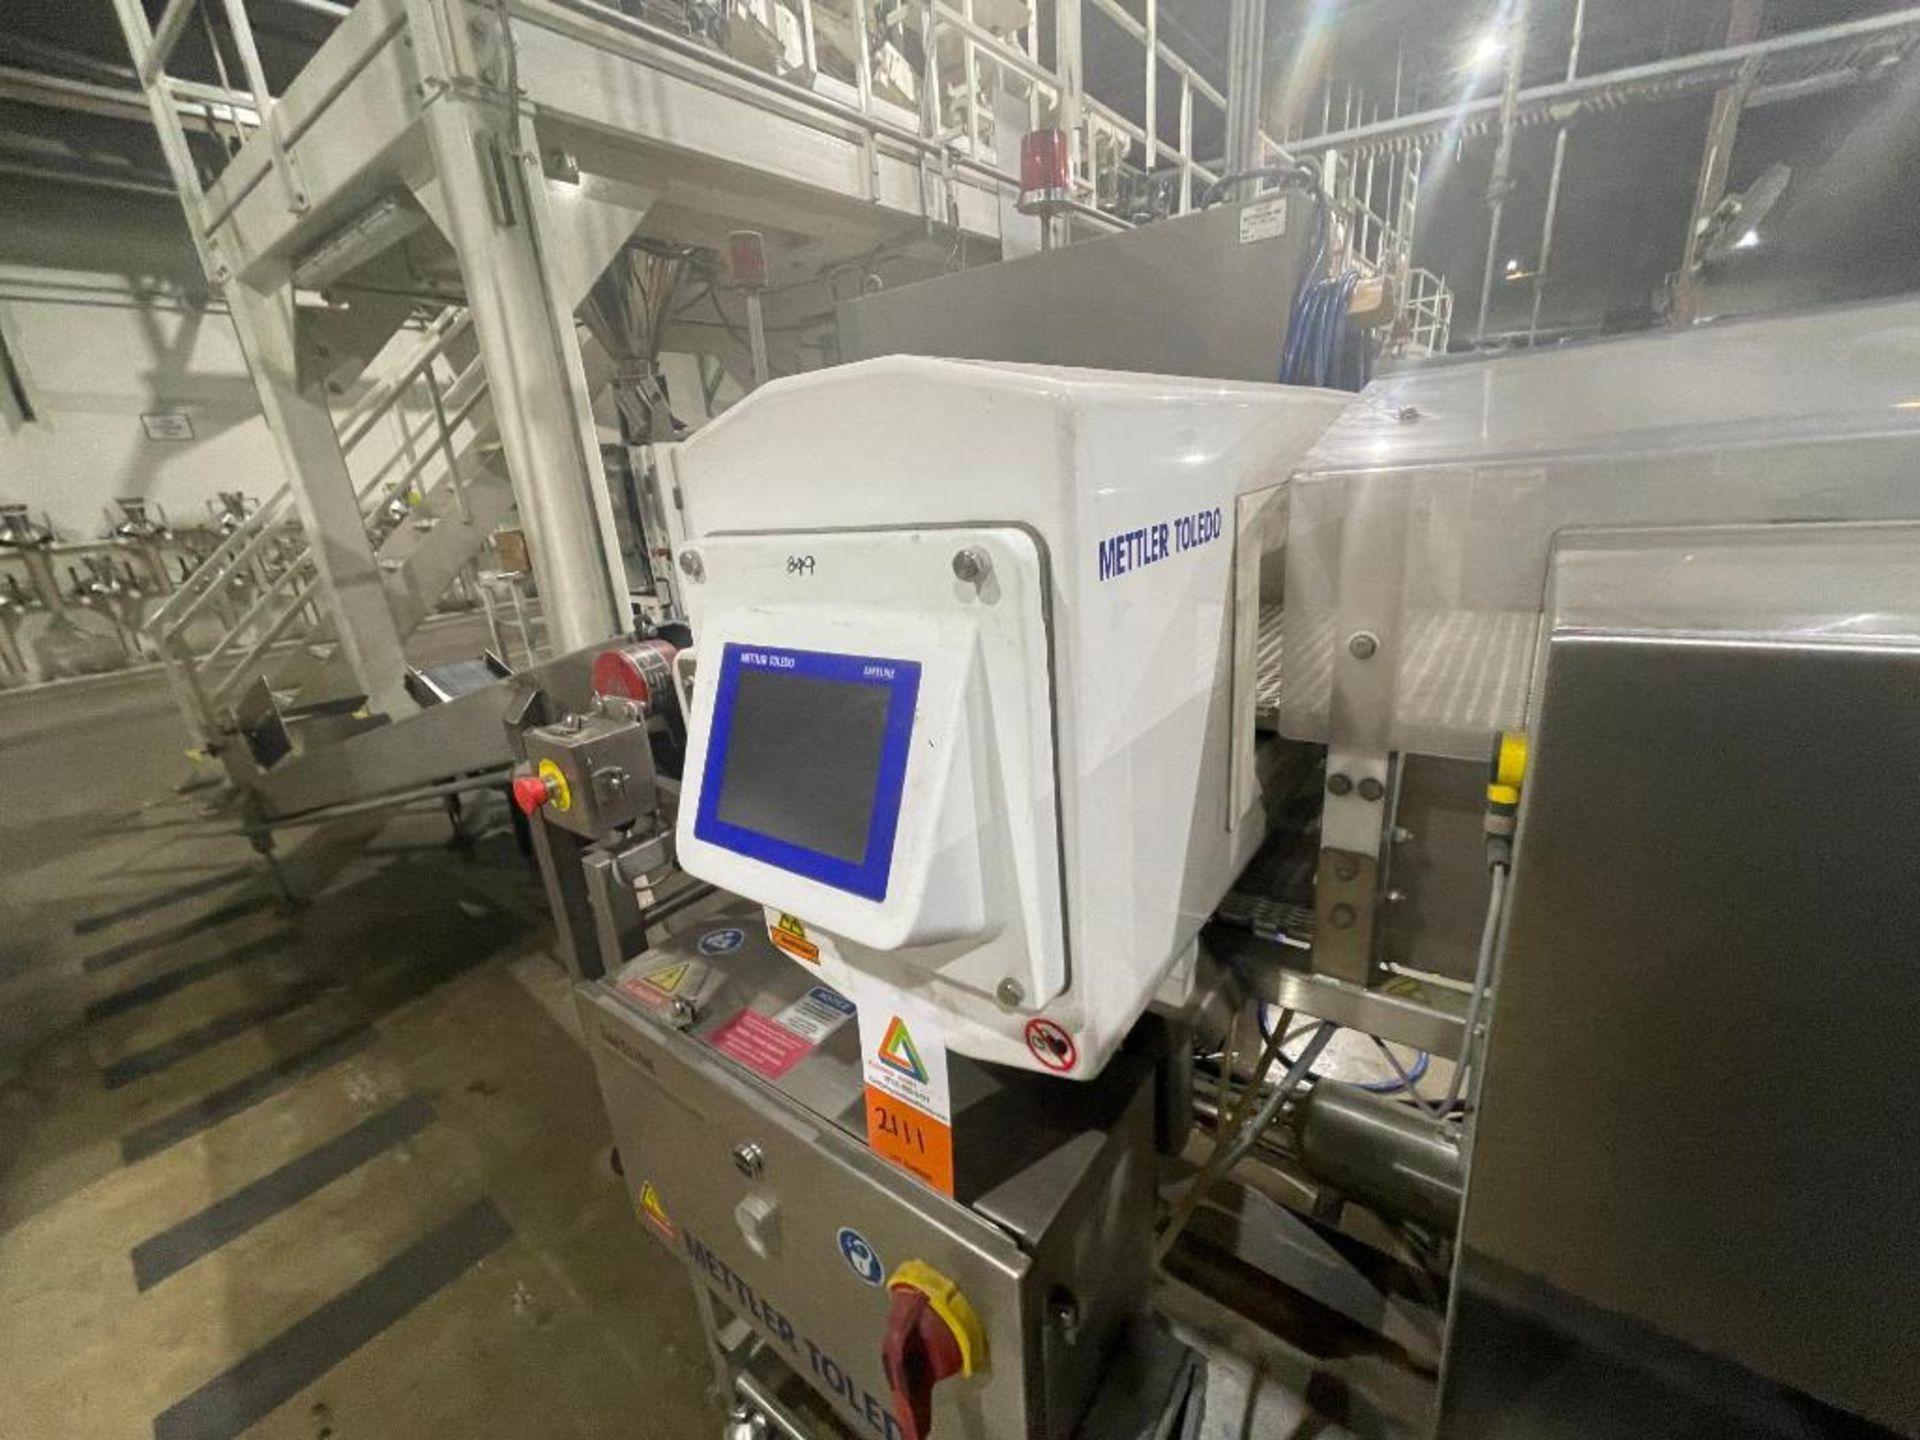 2016 Mettler Toledo metal detector, model SL1500 - Image 7 of 12